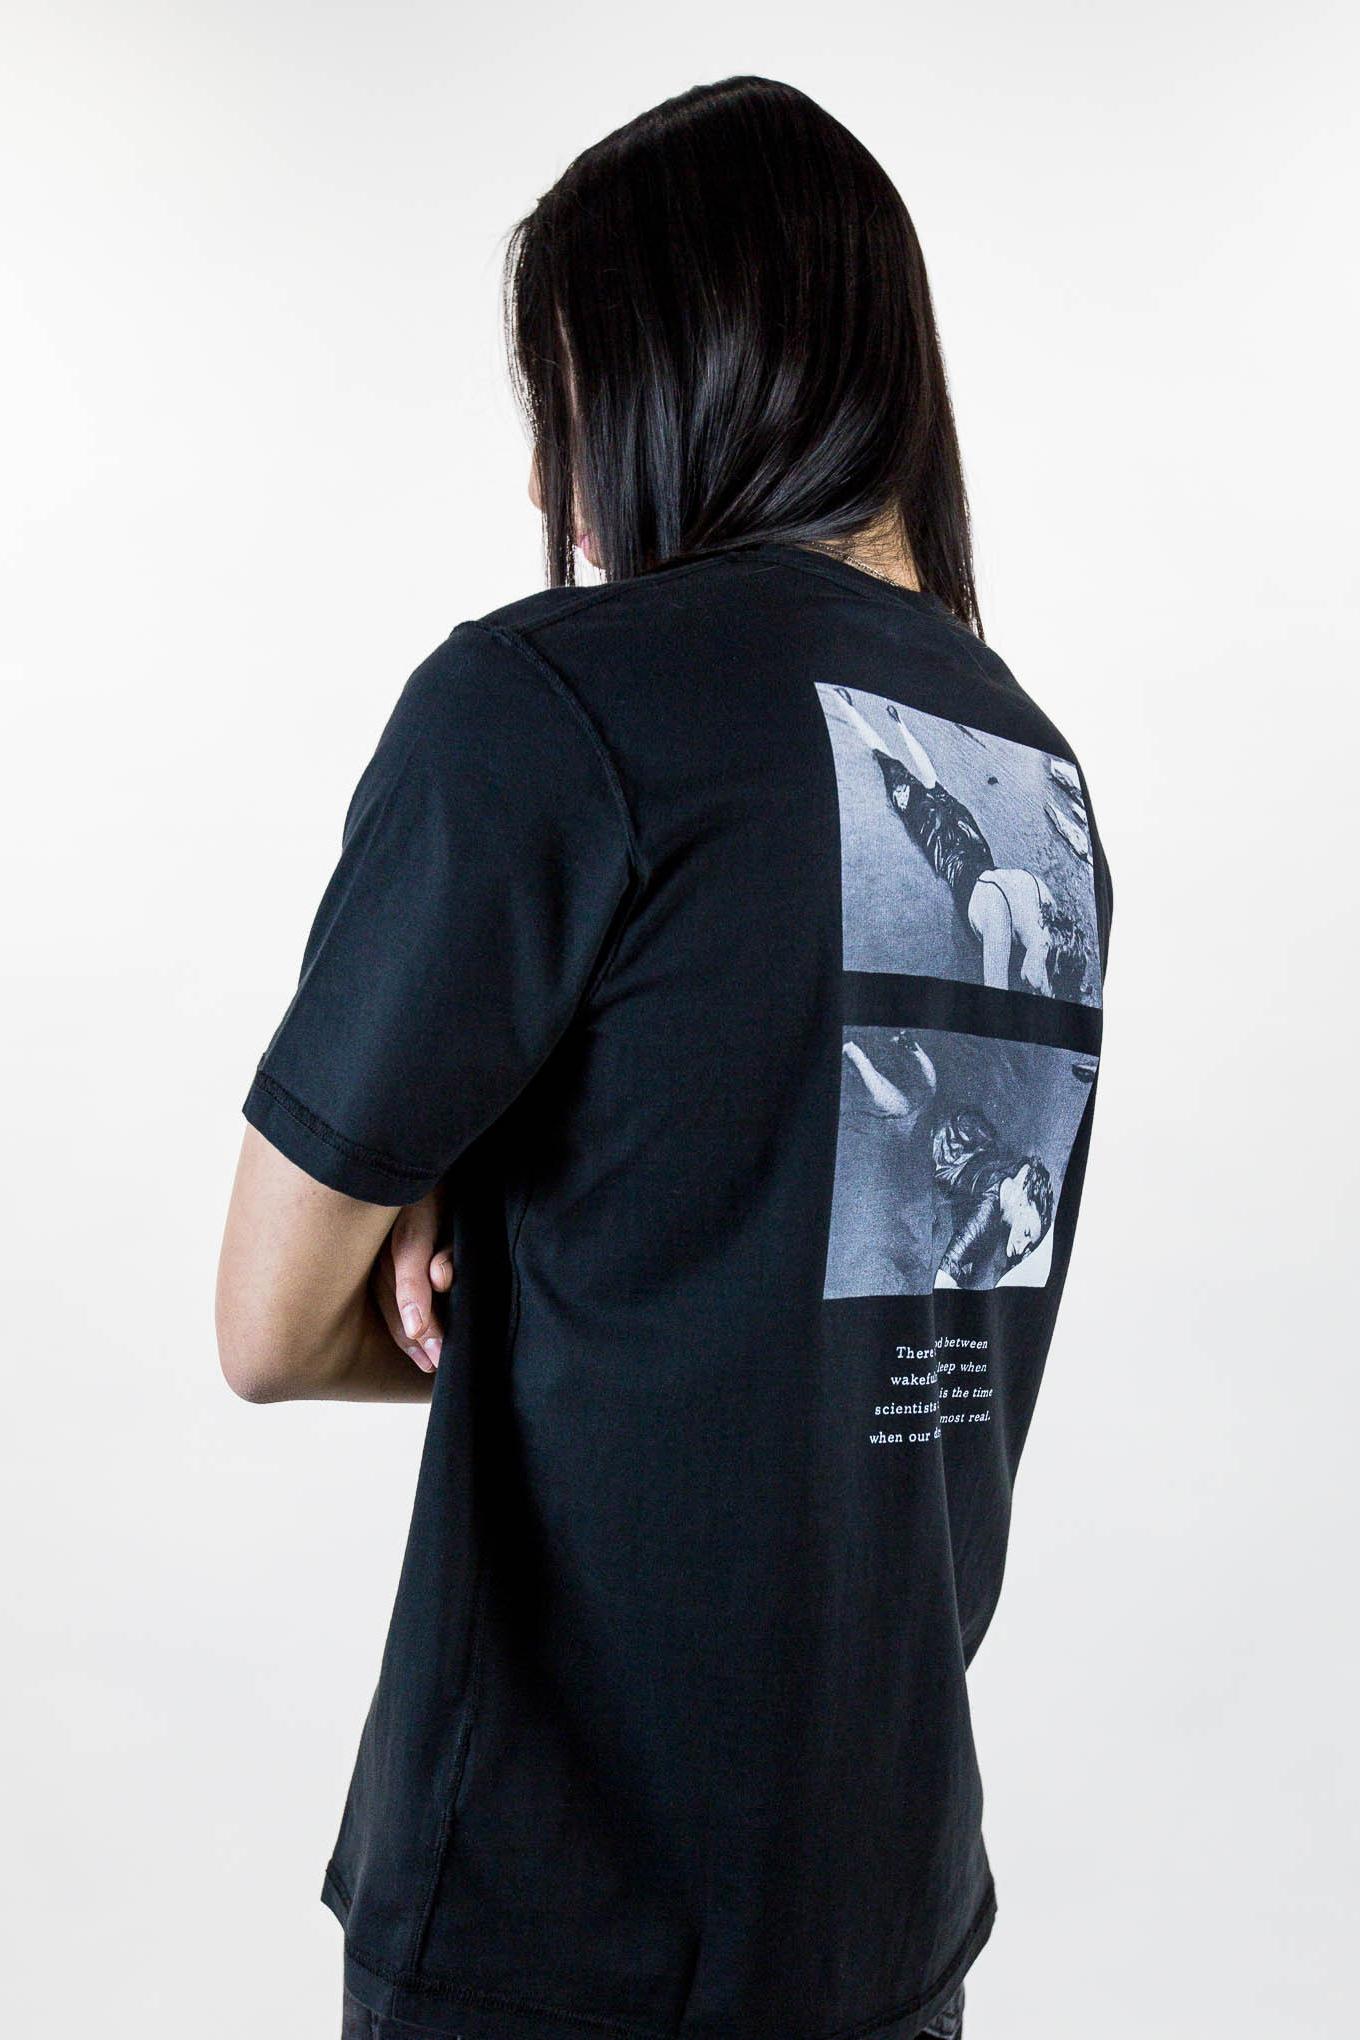 Yang Li SAMIZDAT T-shirt Hoodie Tote Lighter - 1844527